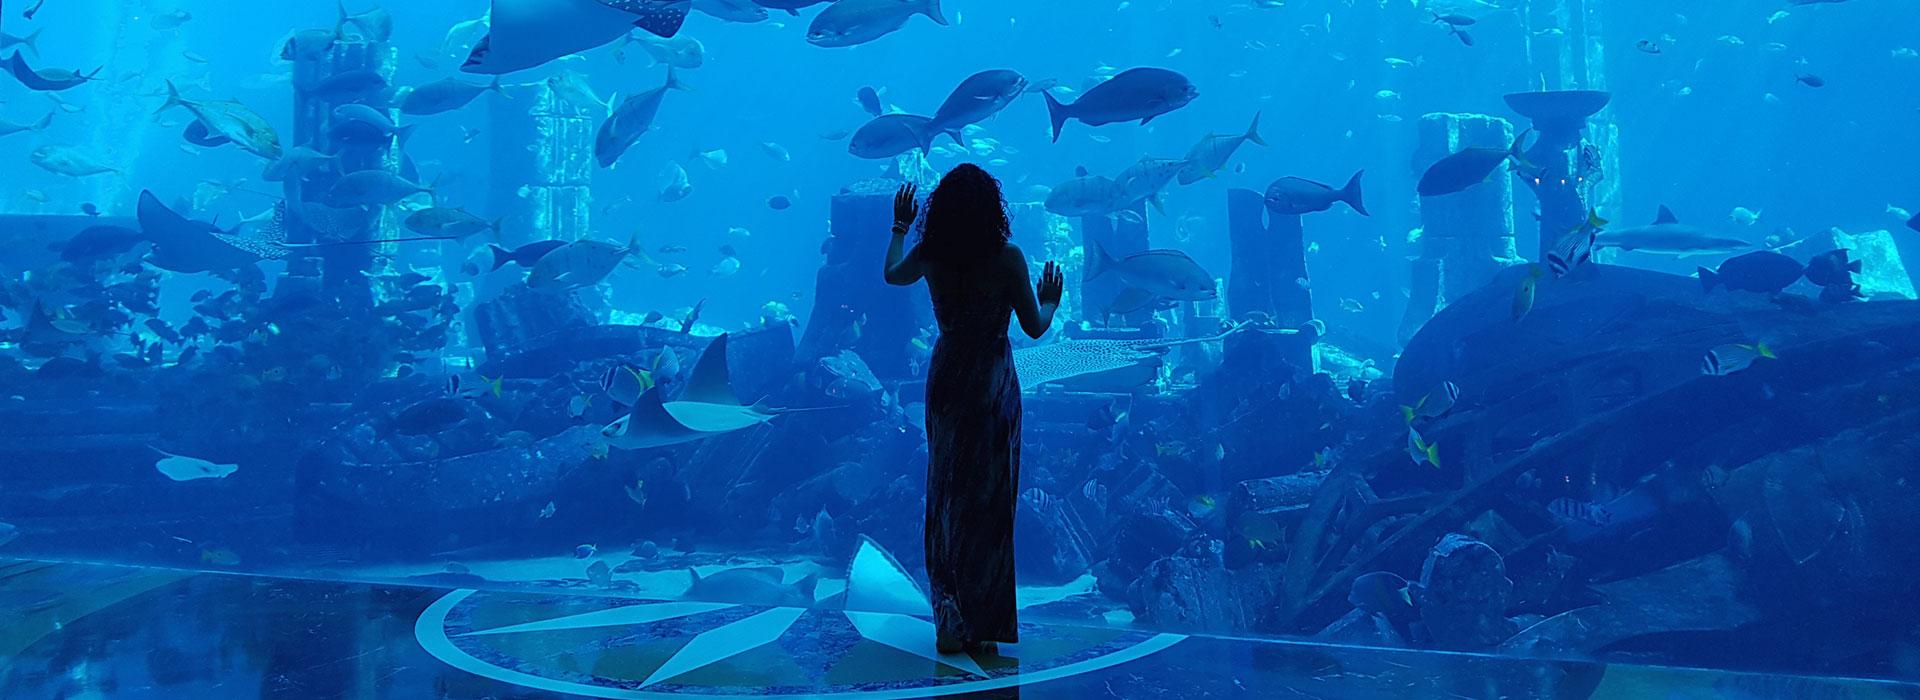 senstations-voyage-accueil-dubai-aquarium_re